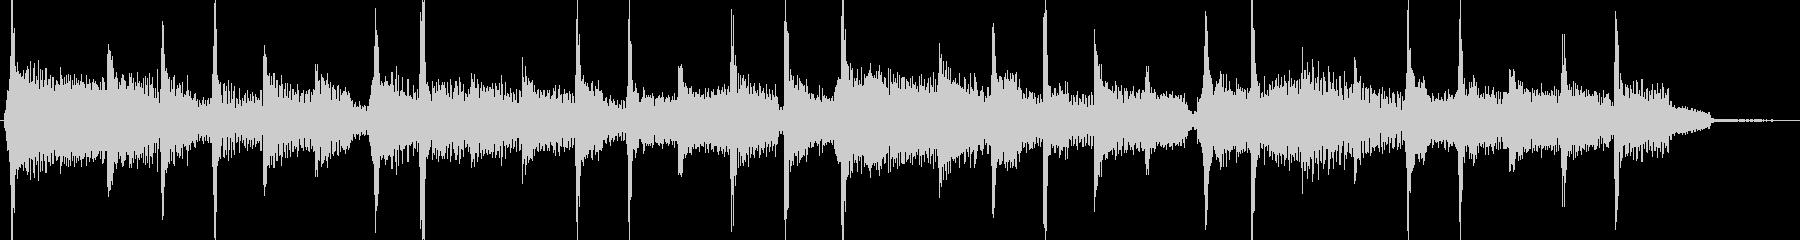 ボサノバ風エレピのジングルの未再生の波形